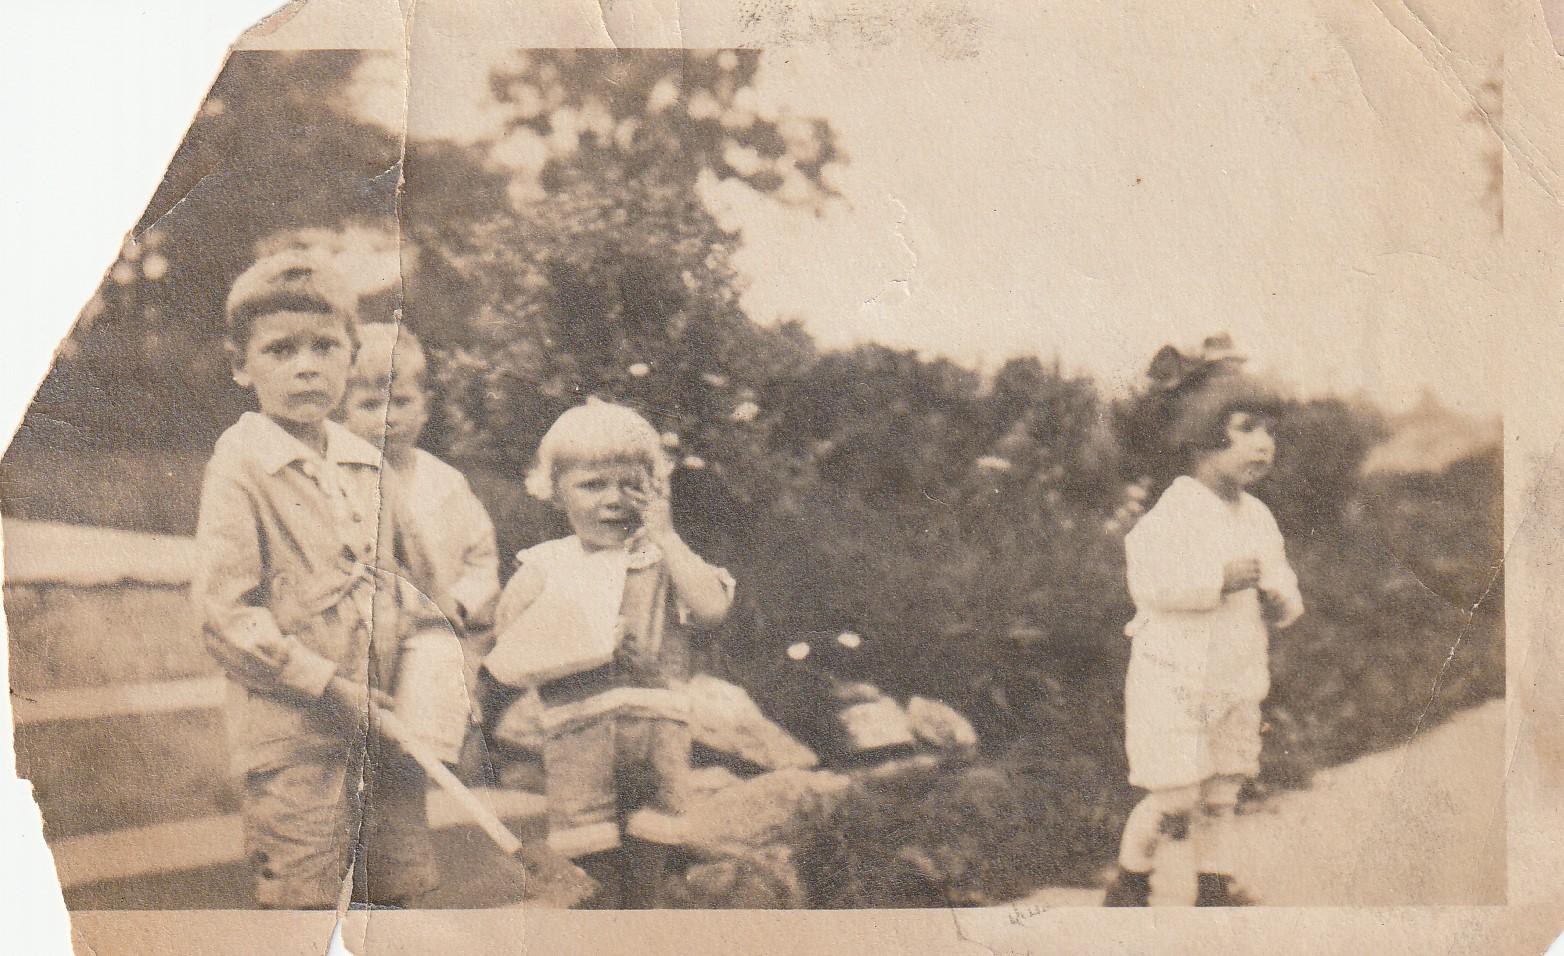 Guion kids - Daniels Farm Road (dirt) - about 1925